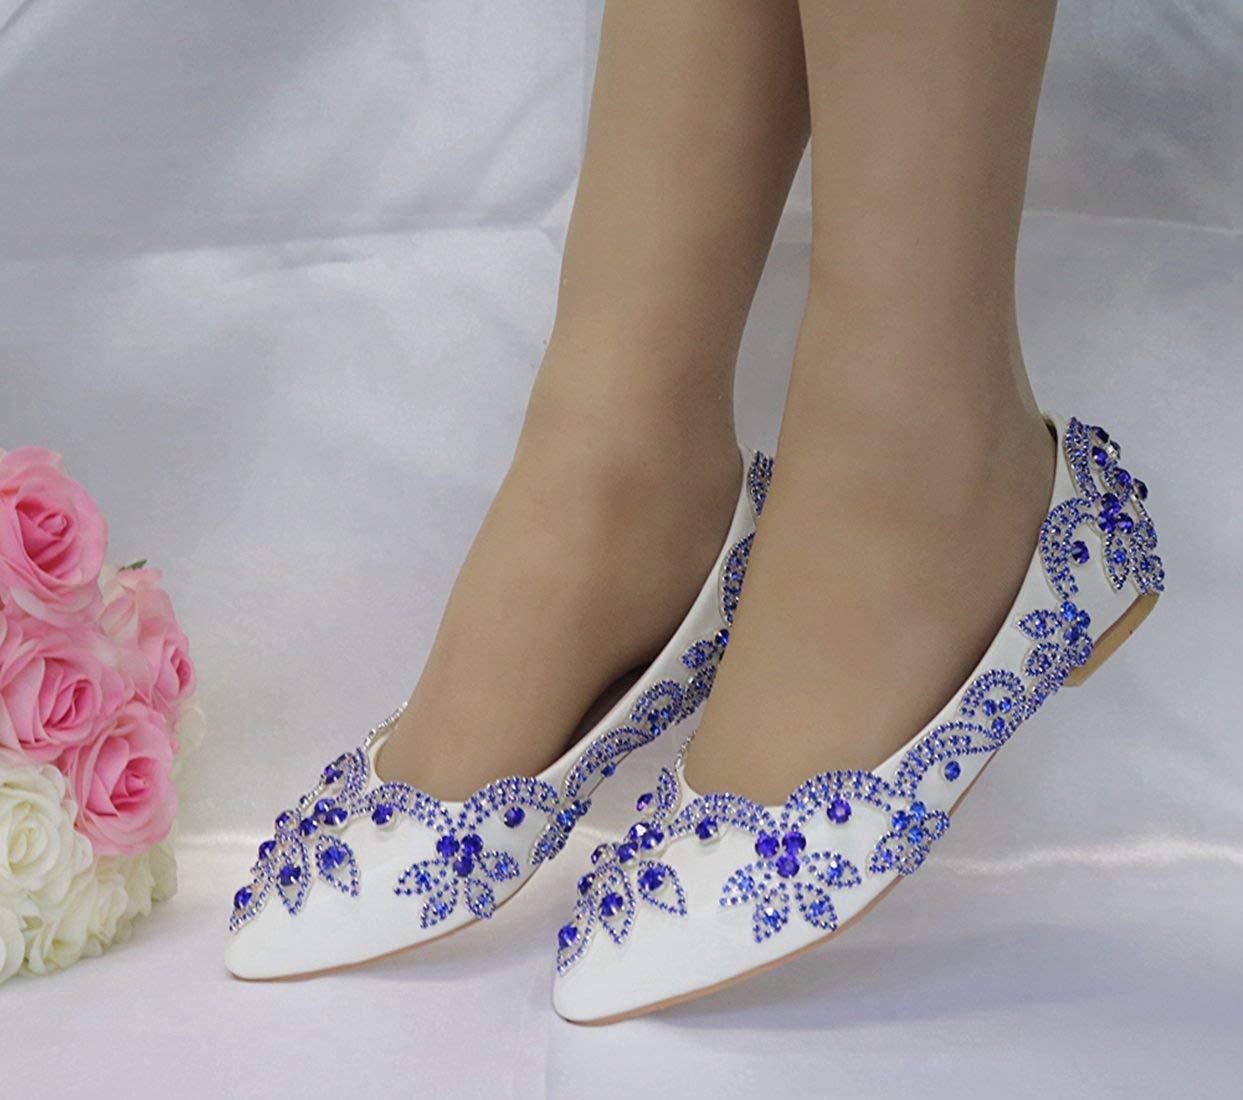 Qiusa Frauen Applique handgemachte weiße (Farbe B25Satin Hochzeit Wohnungen UK 5 (Farbe weiße   - Größe   -) 314e62